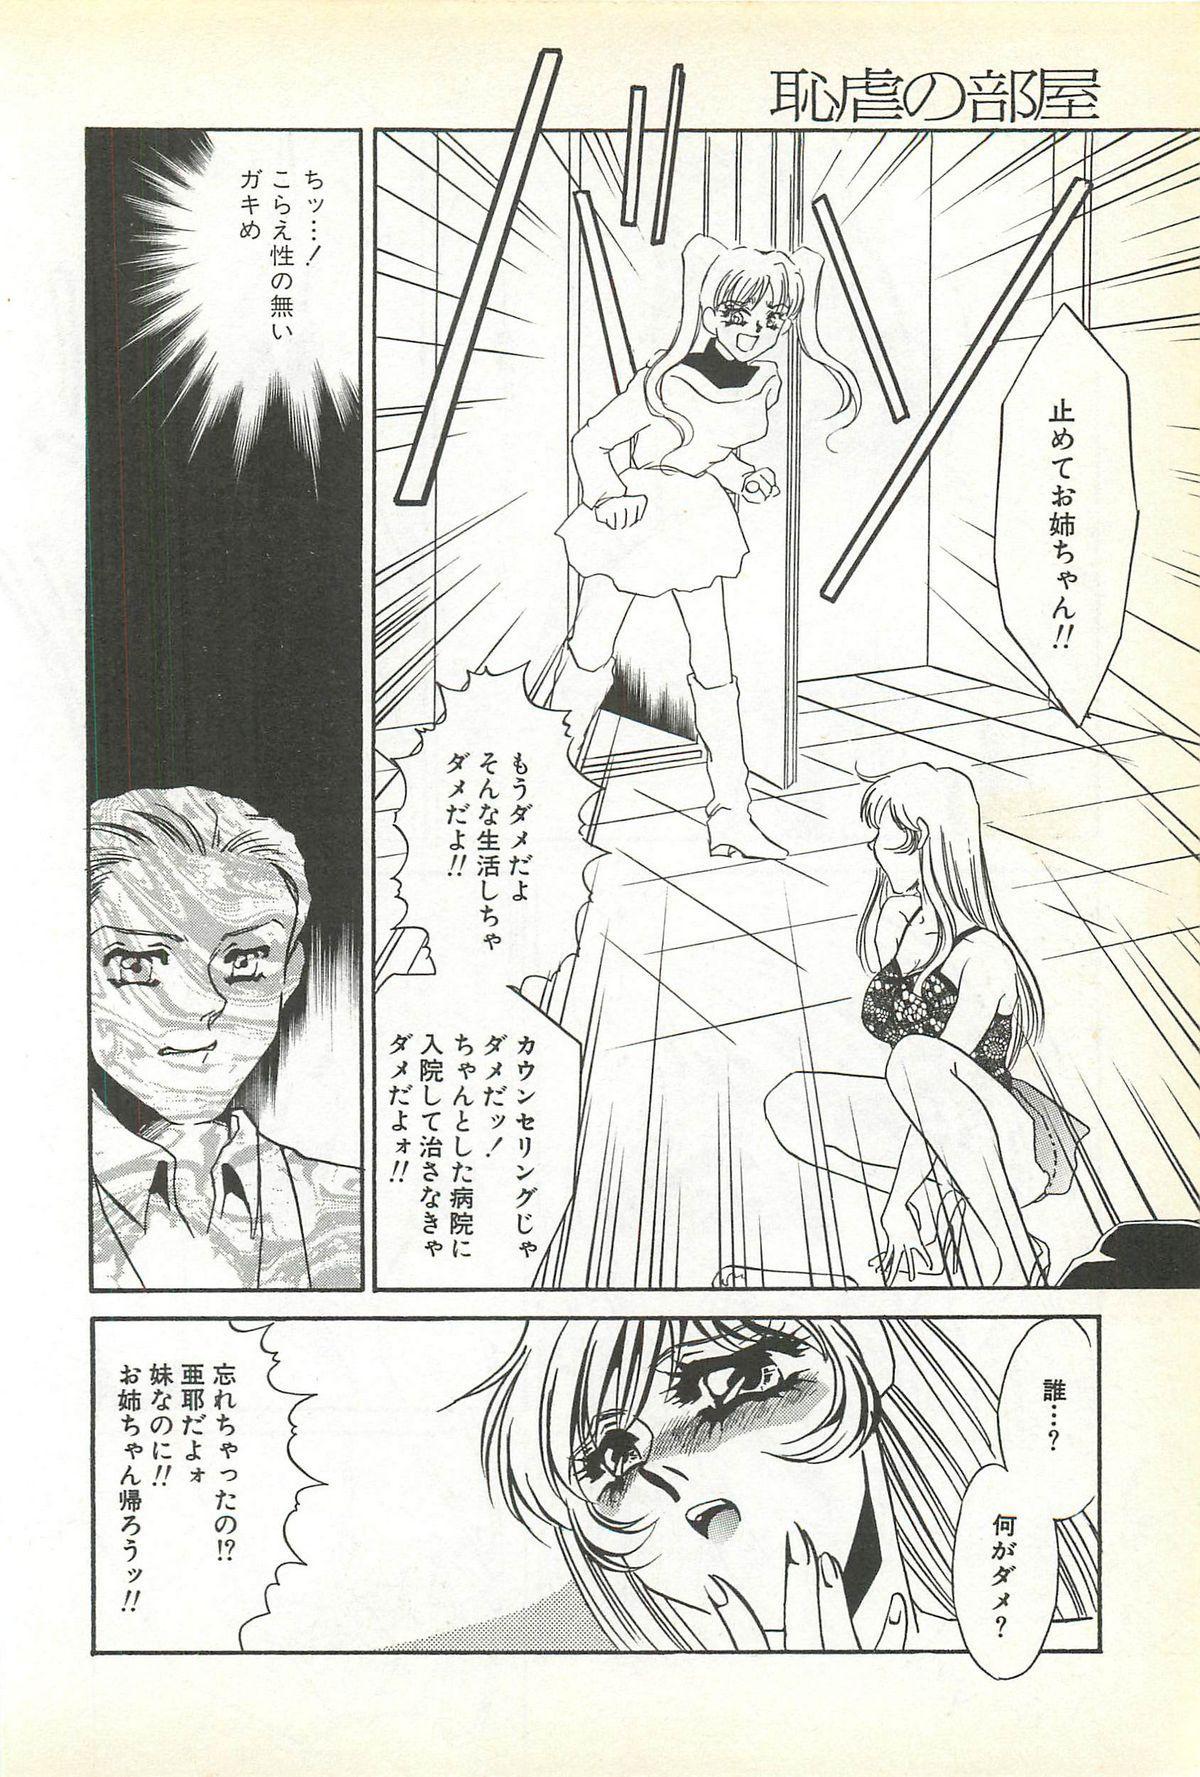 Chigyaku no Heya - A Shameful Punishment Room 117